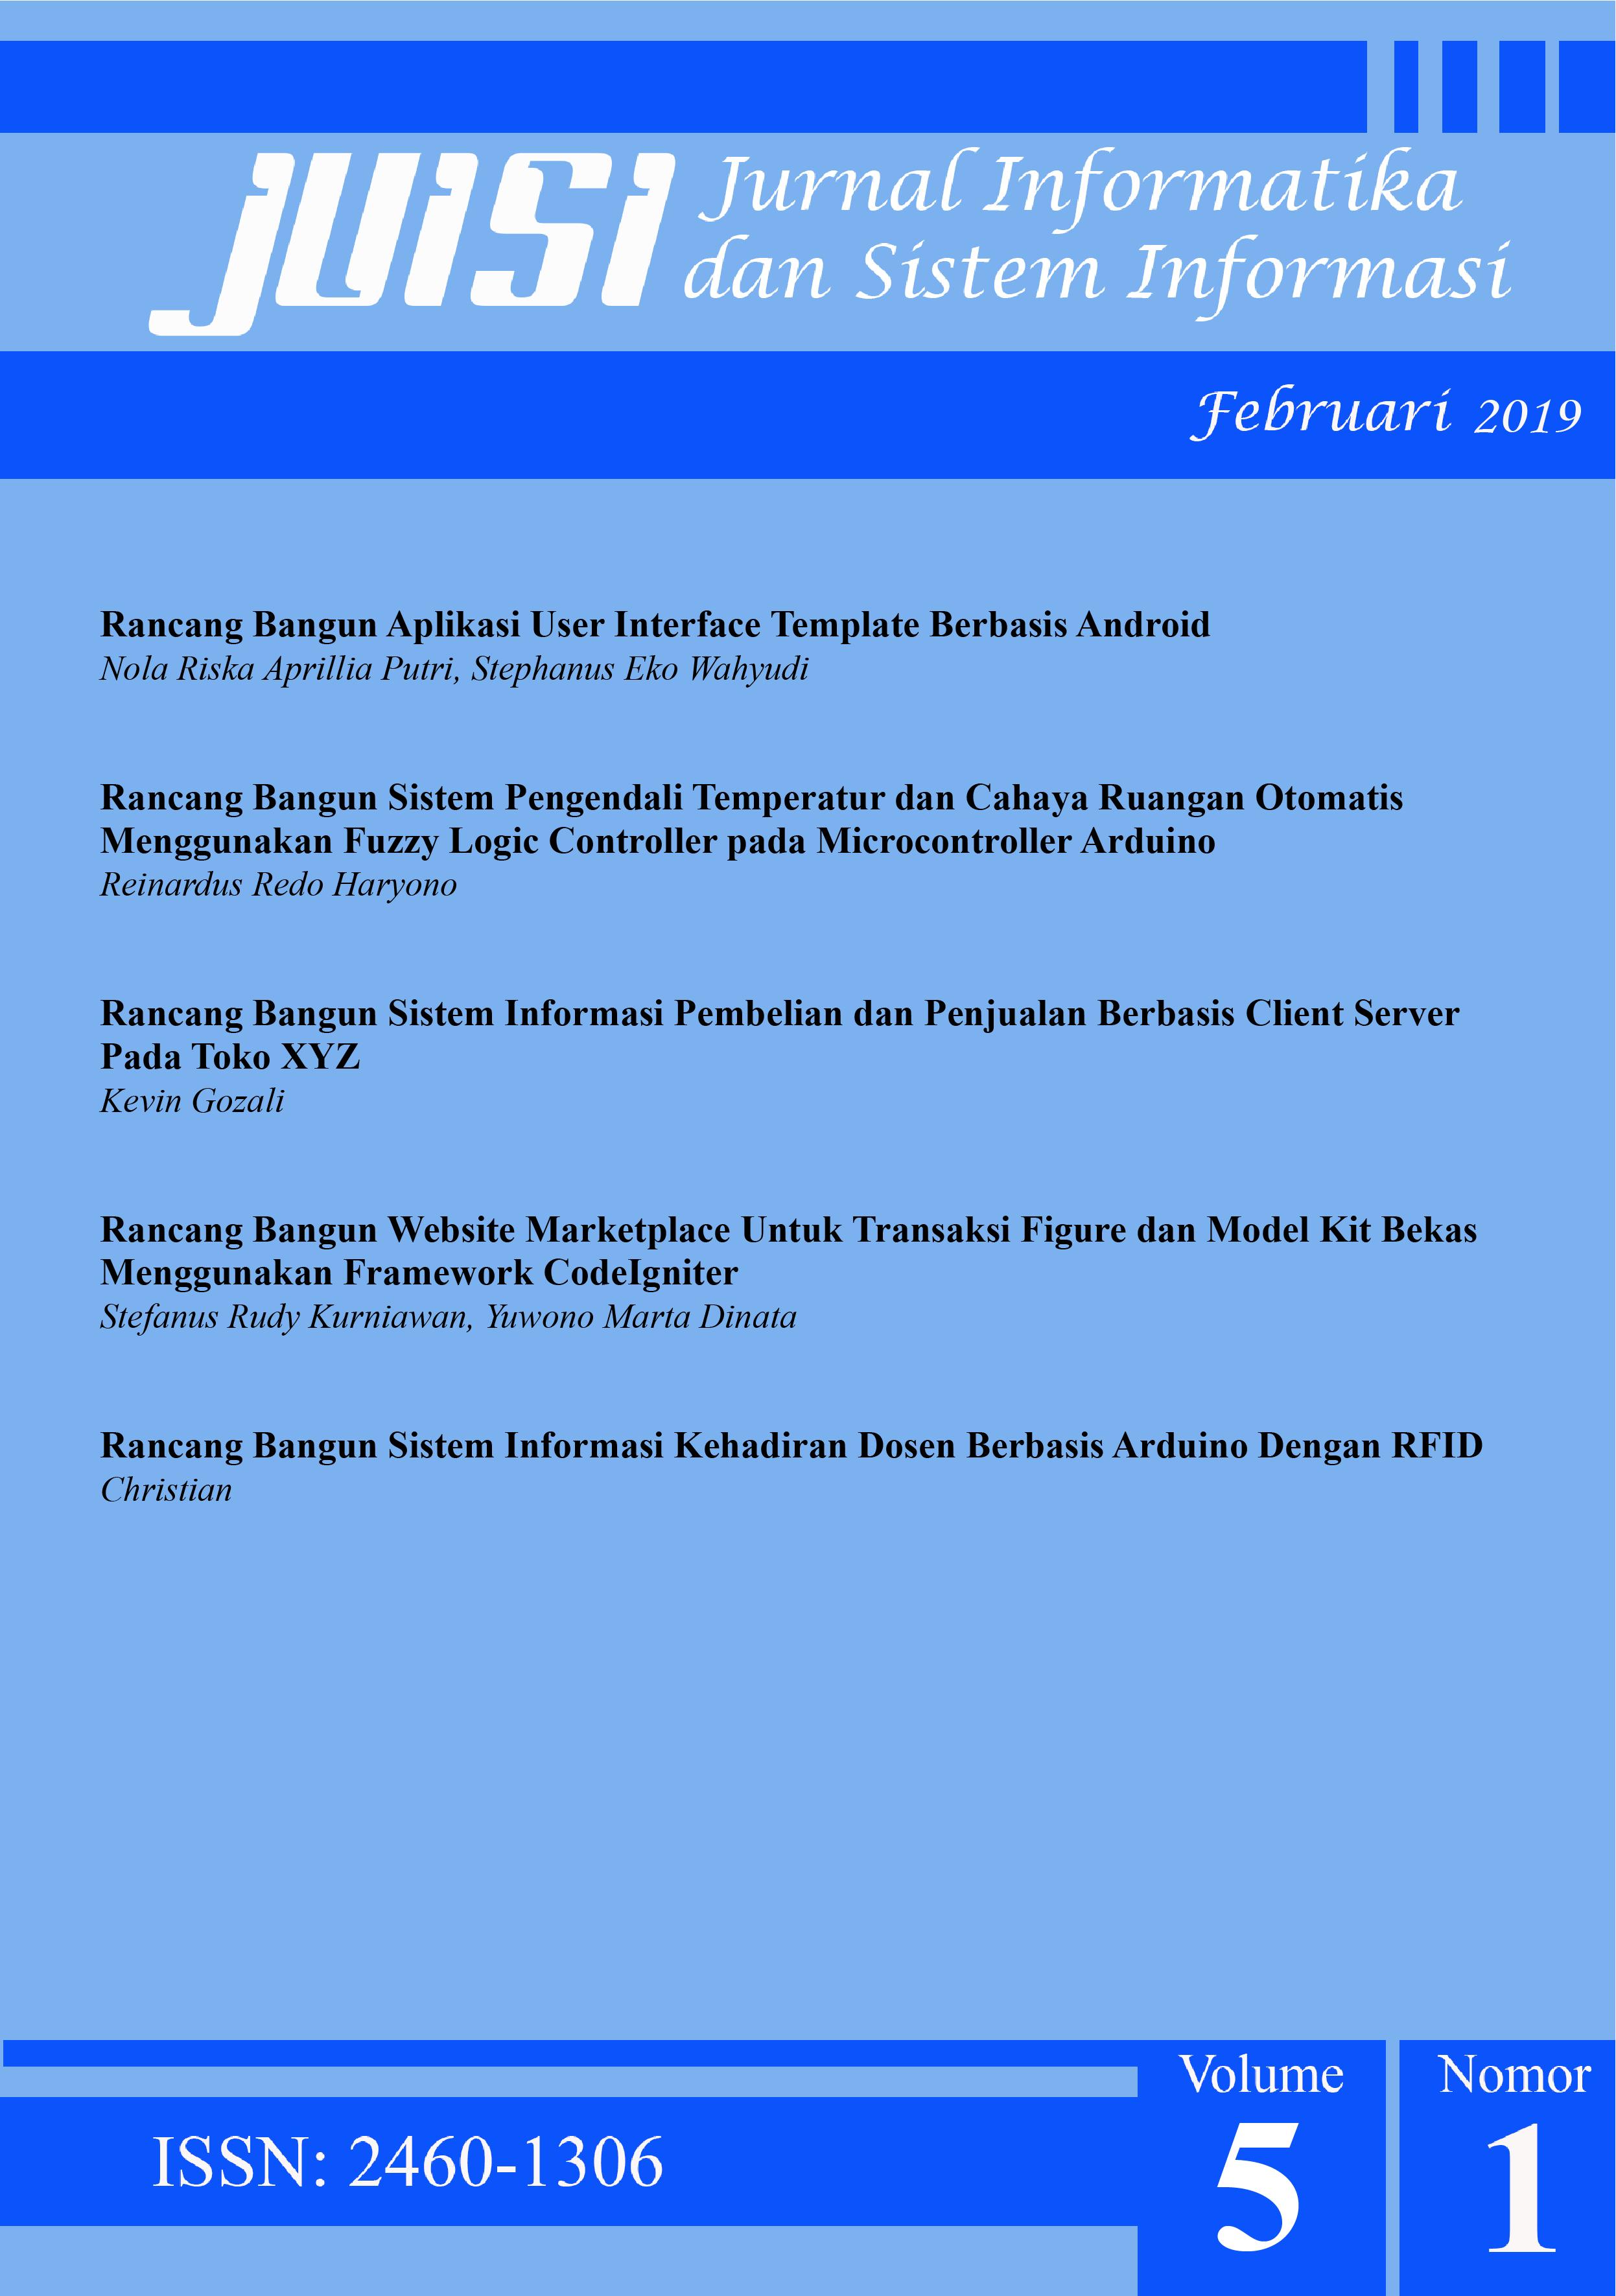 Jurnal Informatika dan Sistem Informasi - Front Cover Vol 5 No 1 2019